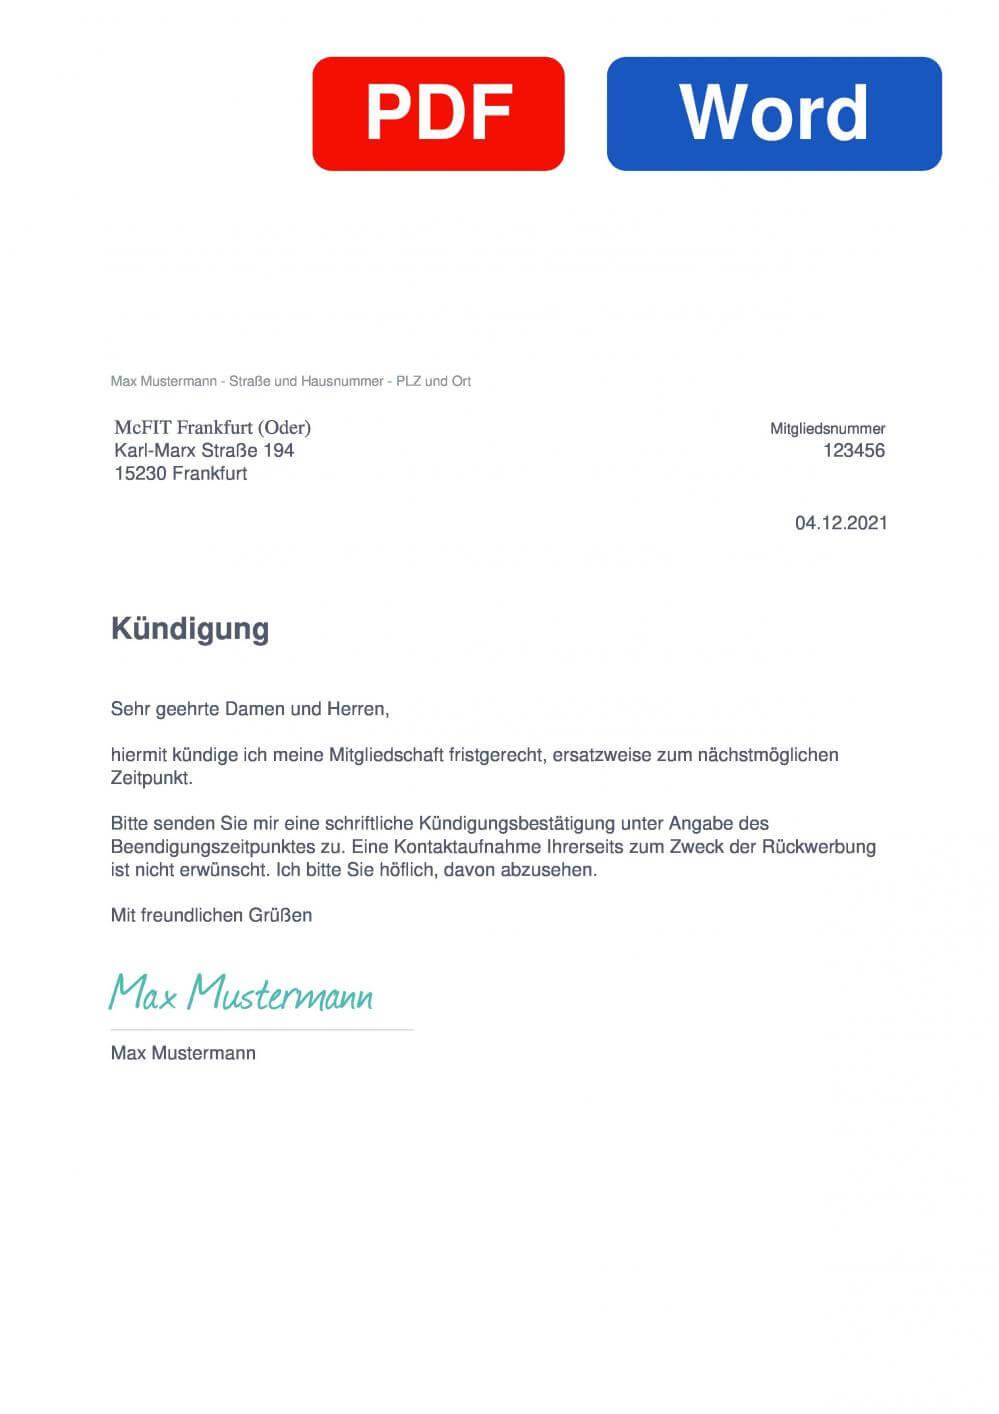 McFIT Frankfurt (Oder) Muster Vorlage für Kündigungsschreiben